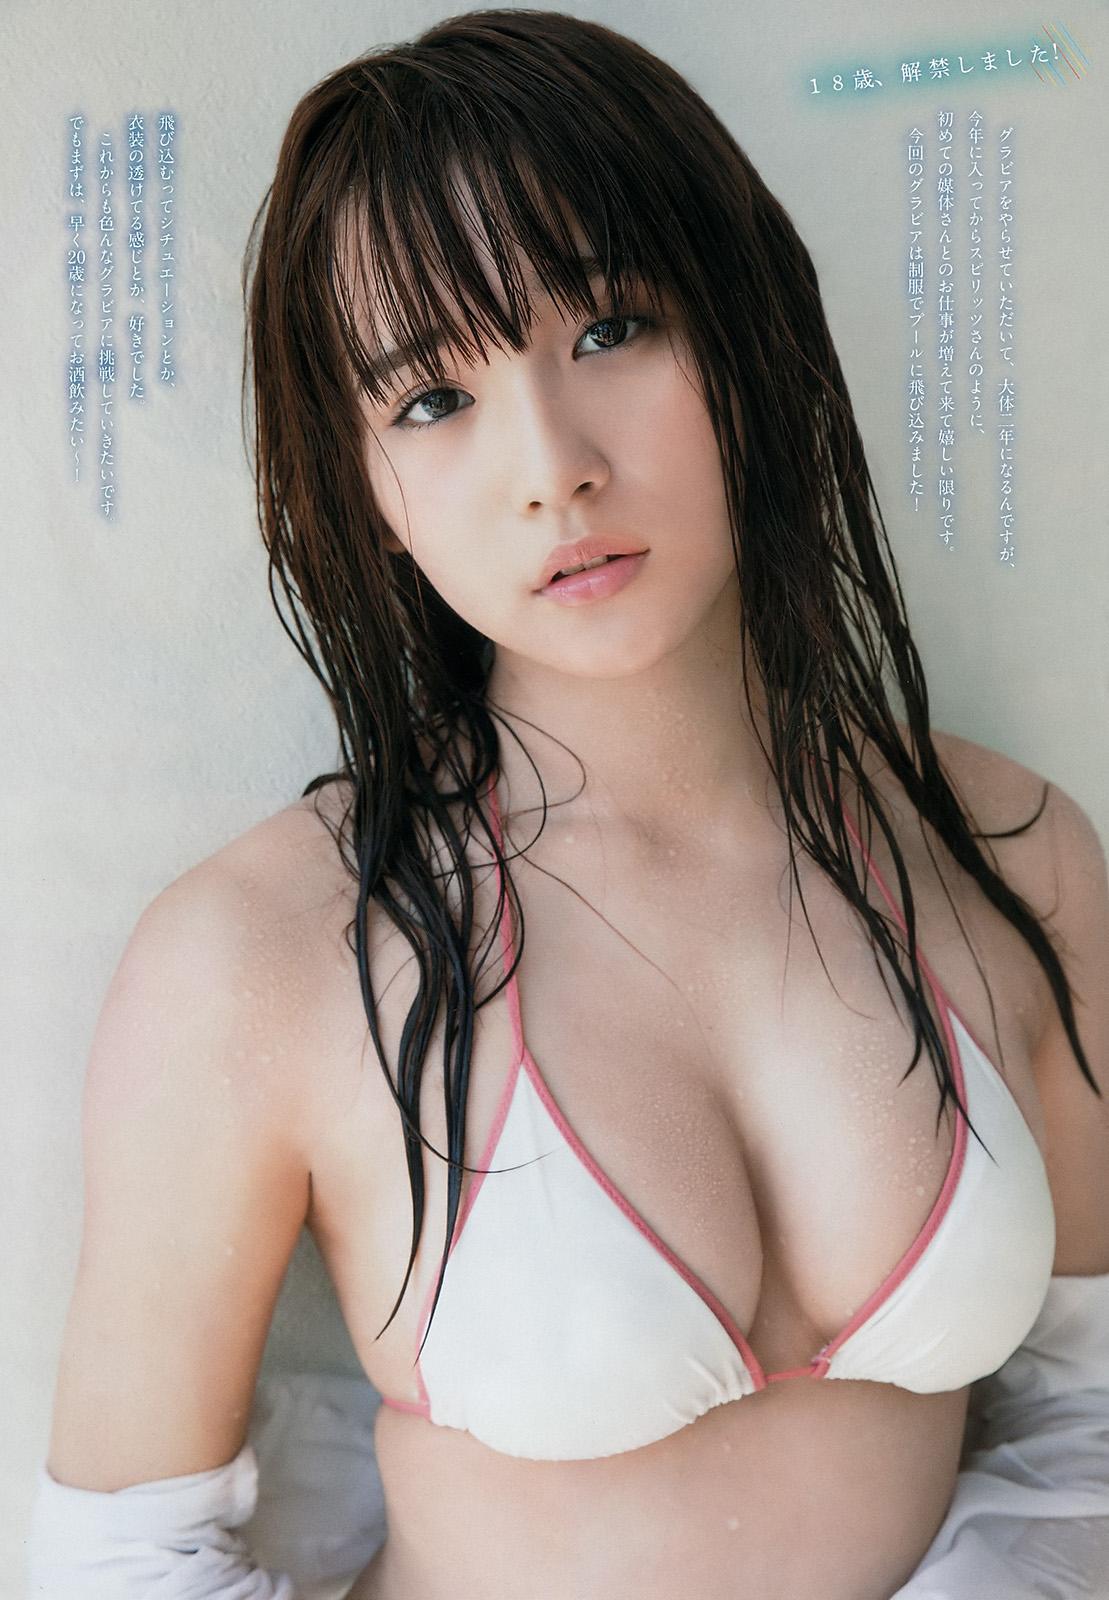 Asakawa Nana en la revista Big Comic Spirits (2017 No.35) 浅川梨奈